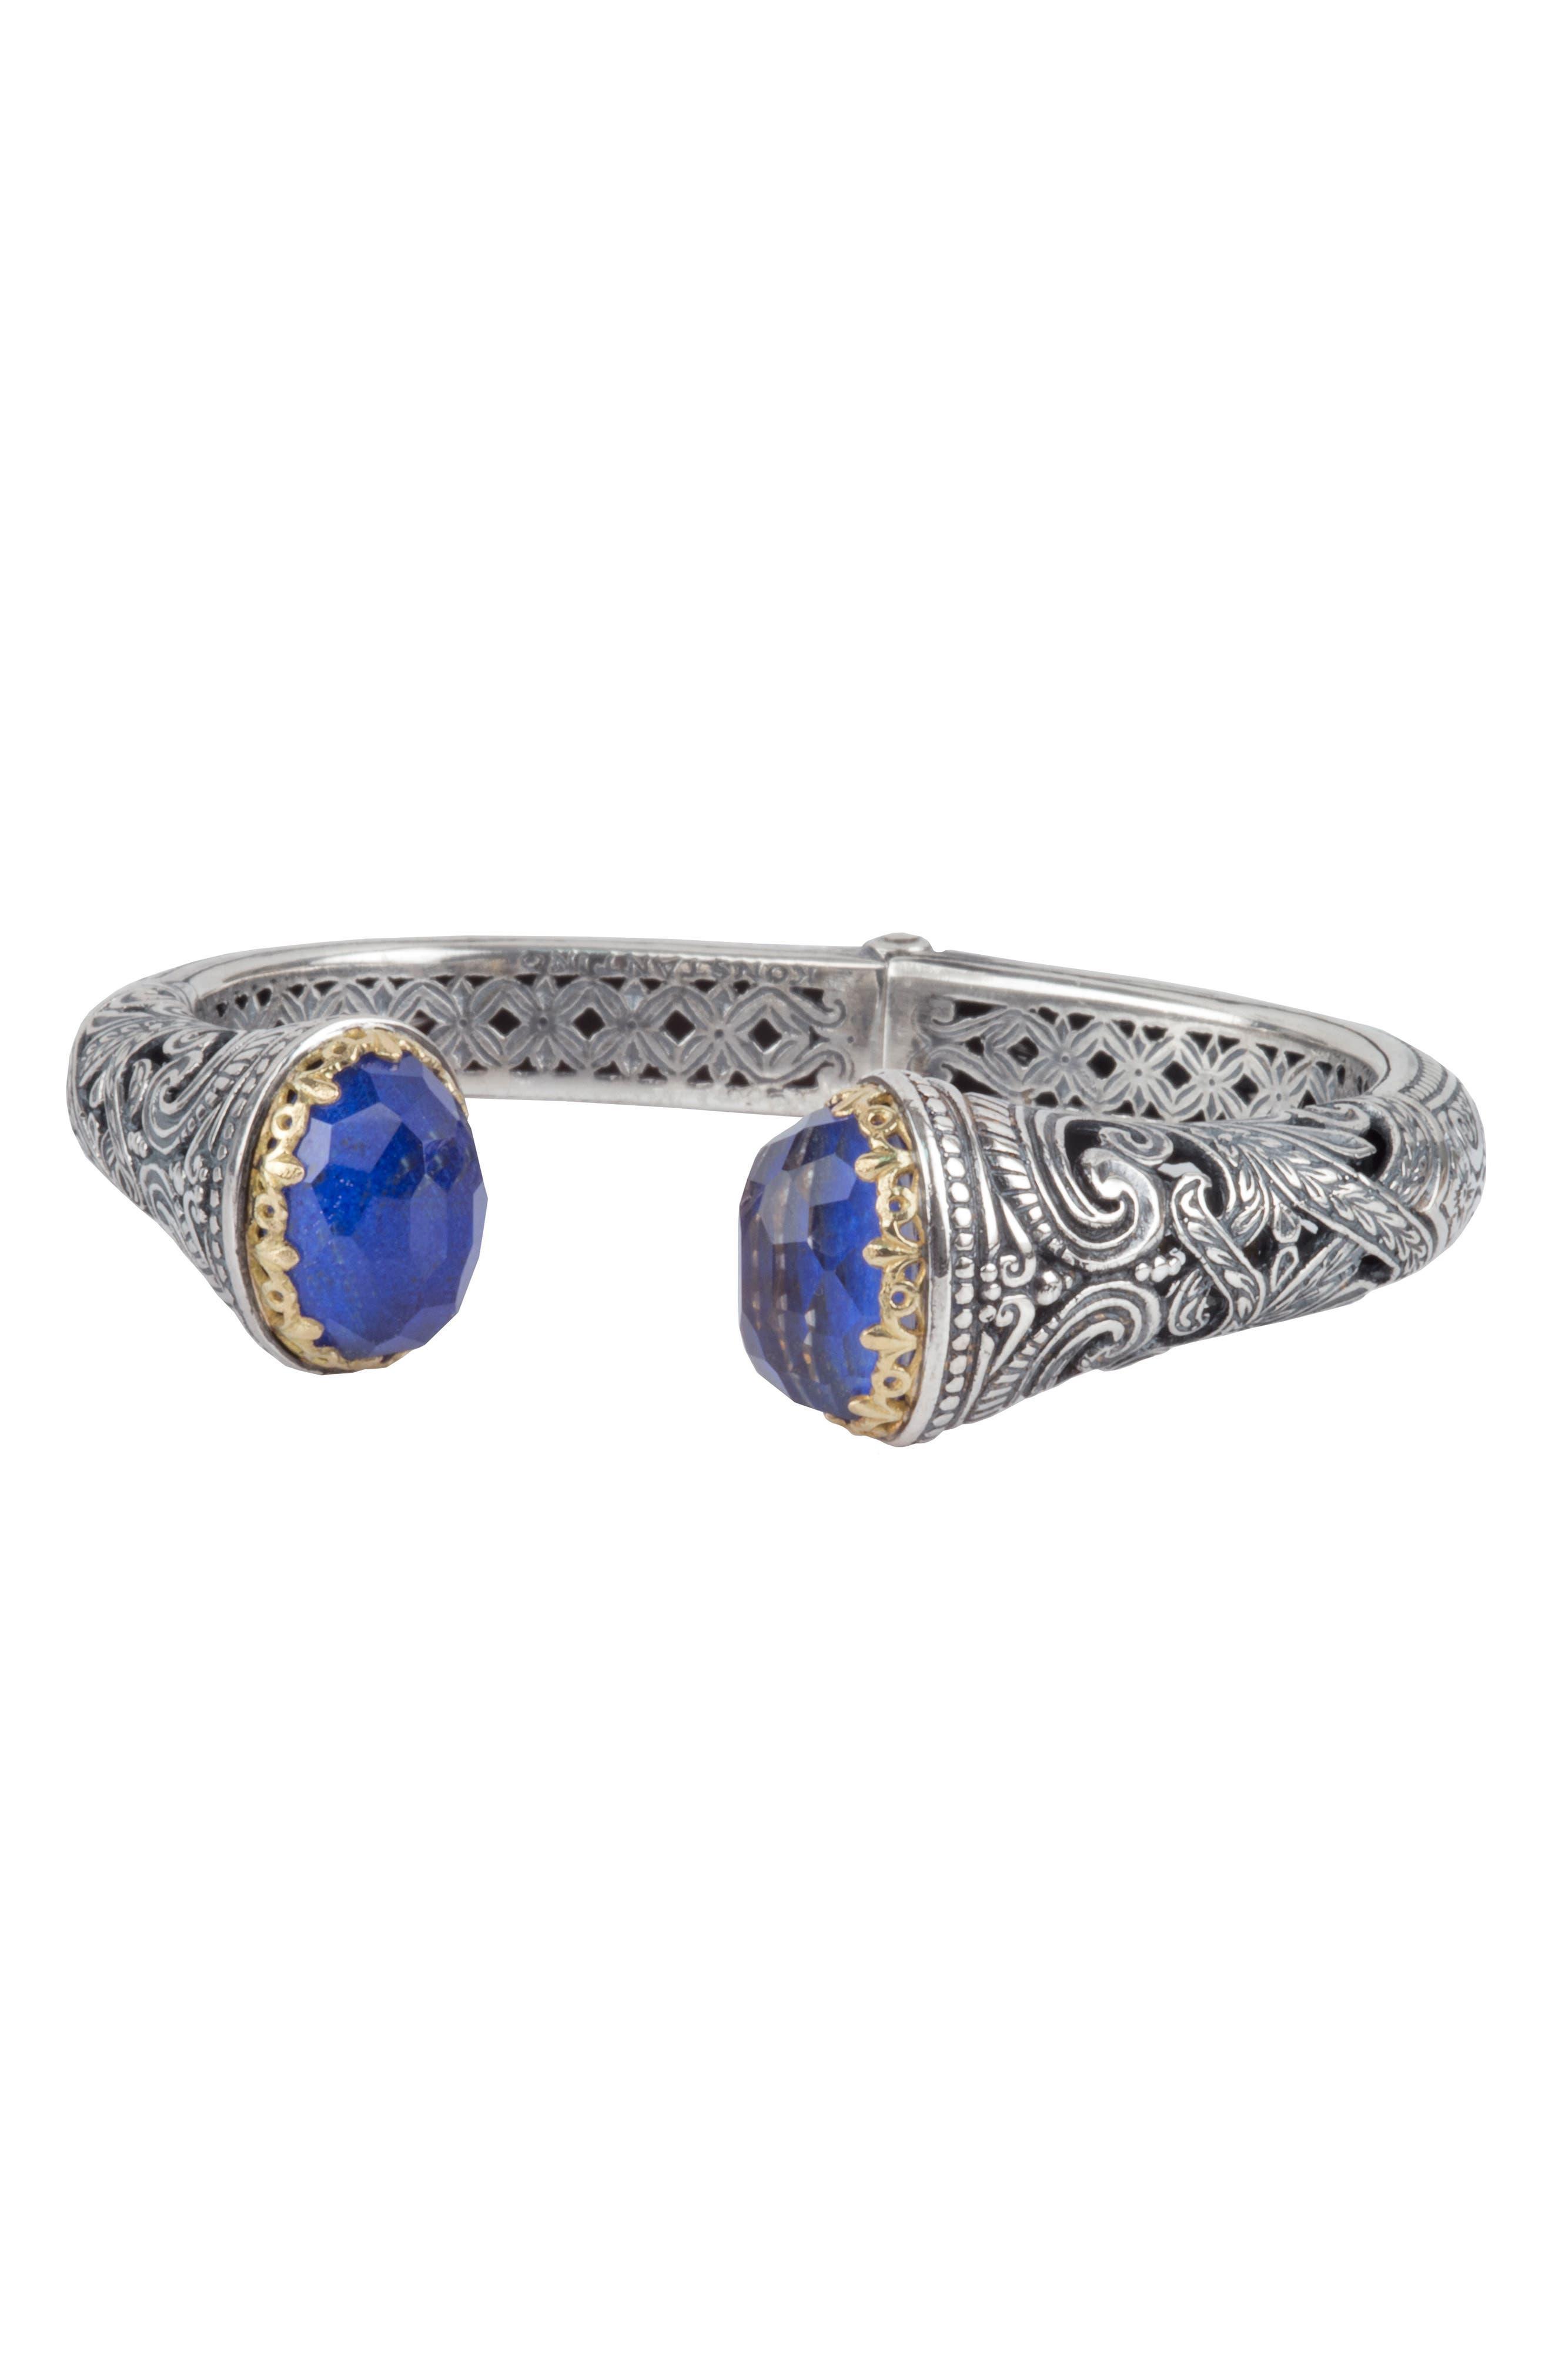 Alternate Image 1 Selected - Konstantino Andromeda Lapis Lazuli Hinge Cuff